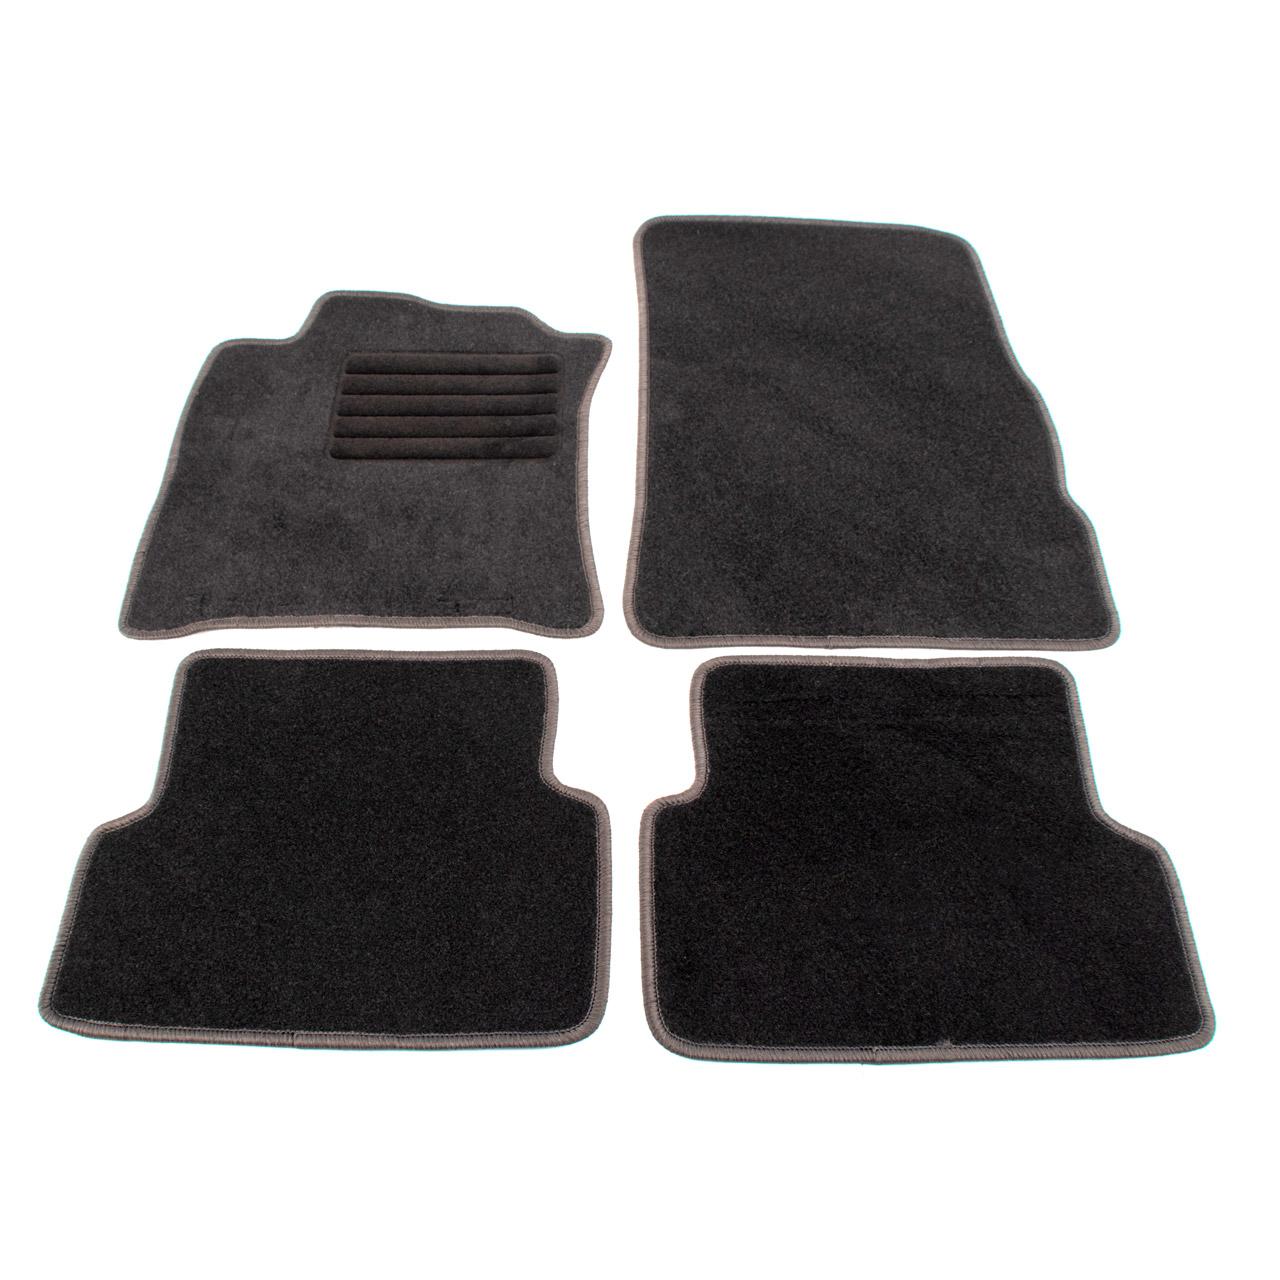 Veloursmatten Textilmatten Fußmatten RENAULT Modus / Grand Modus 4-teilig